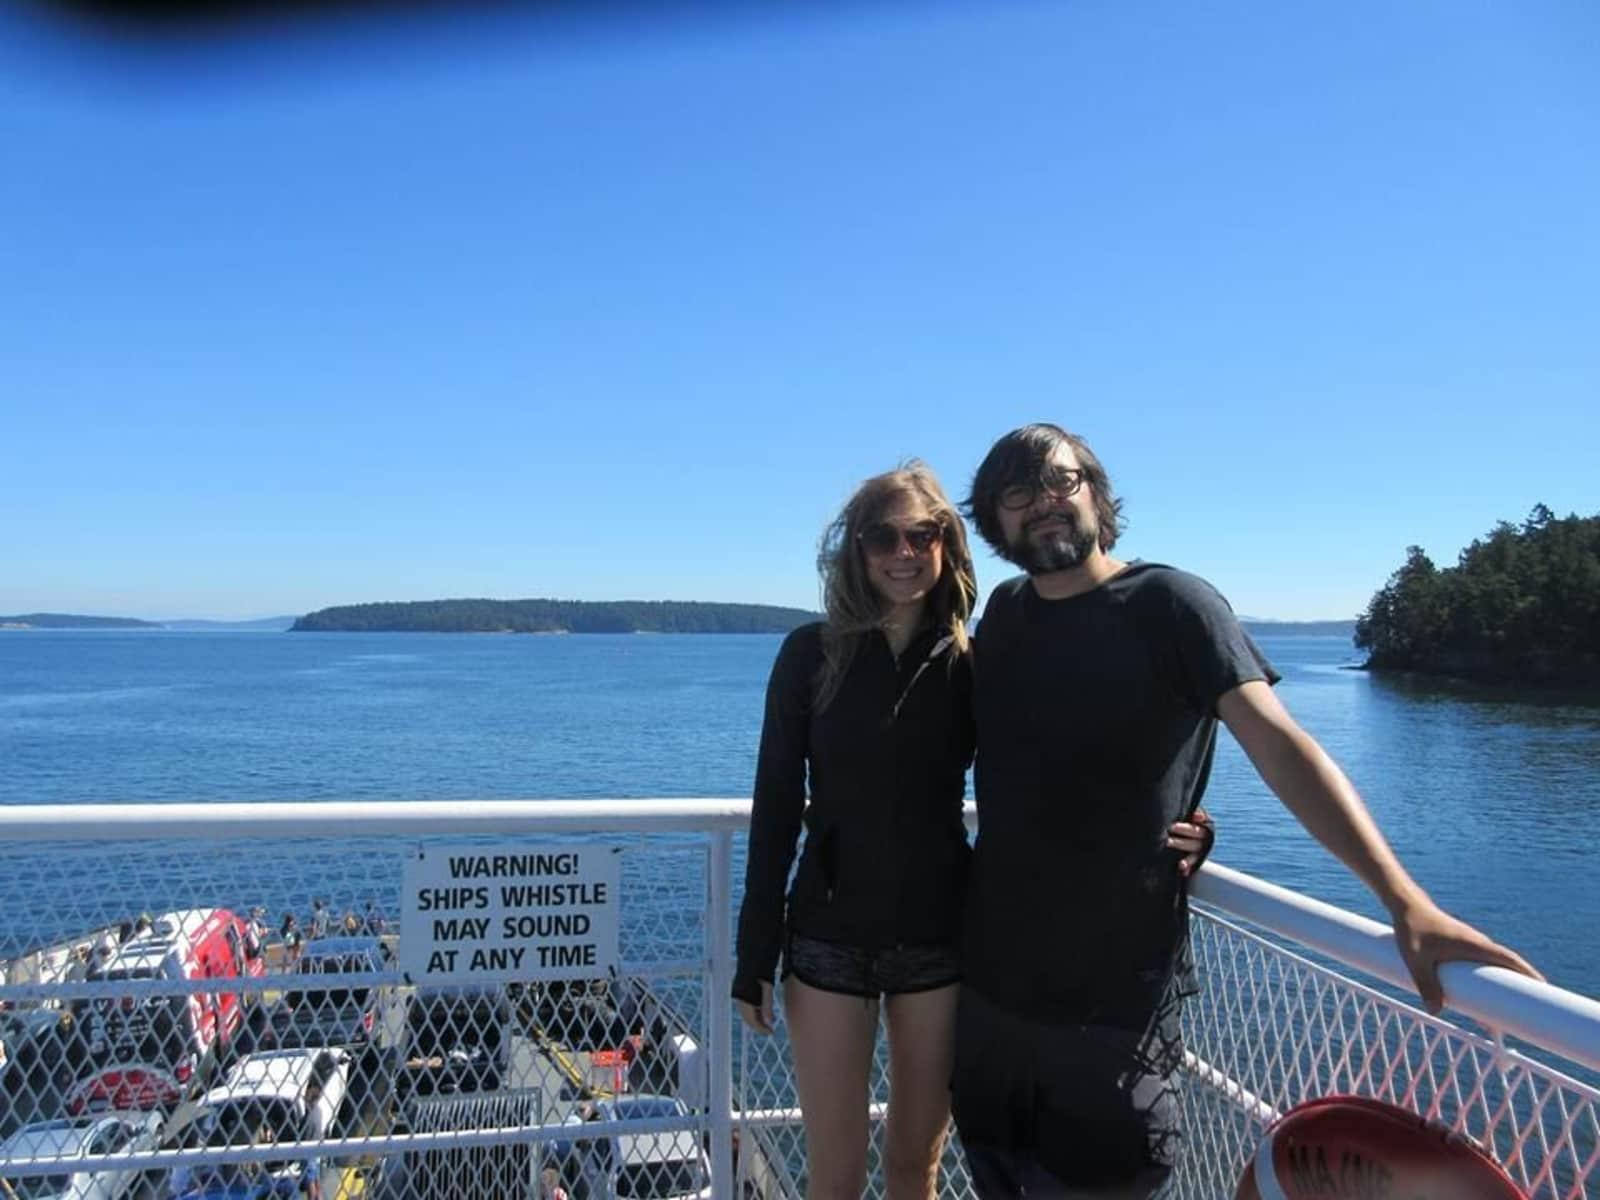 Rhiannon & Jose from Victoria, British Columbia, Canada